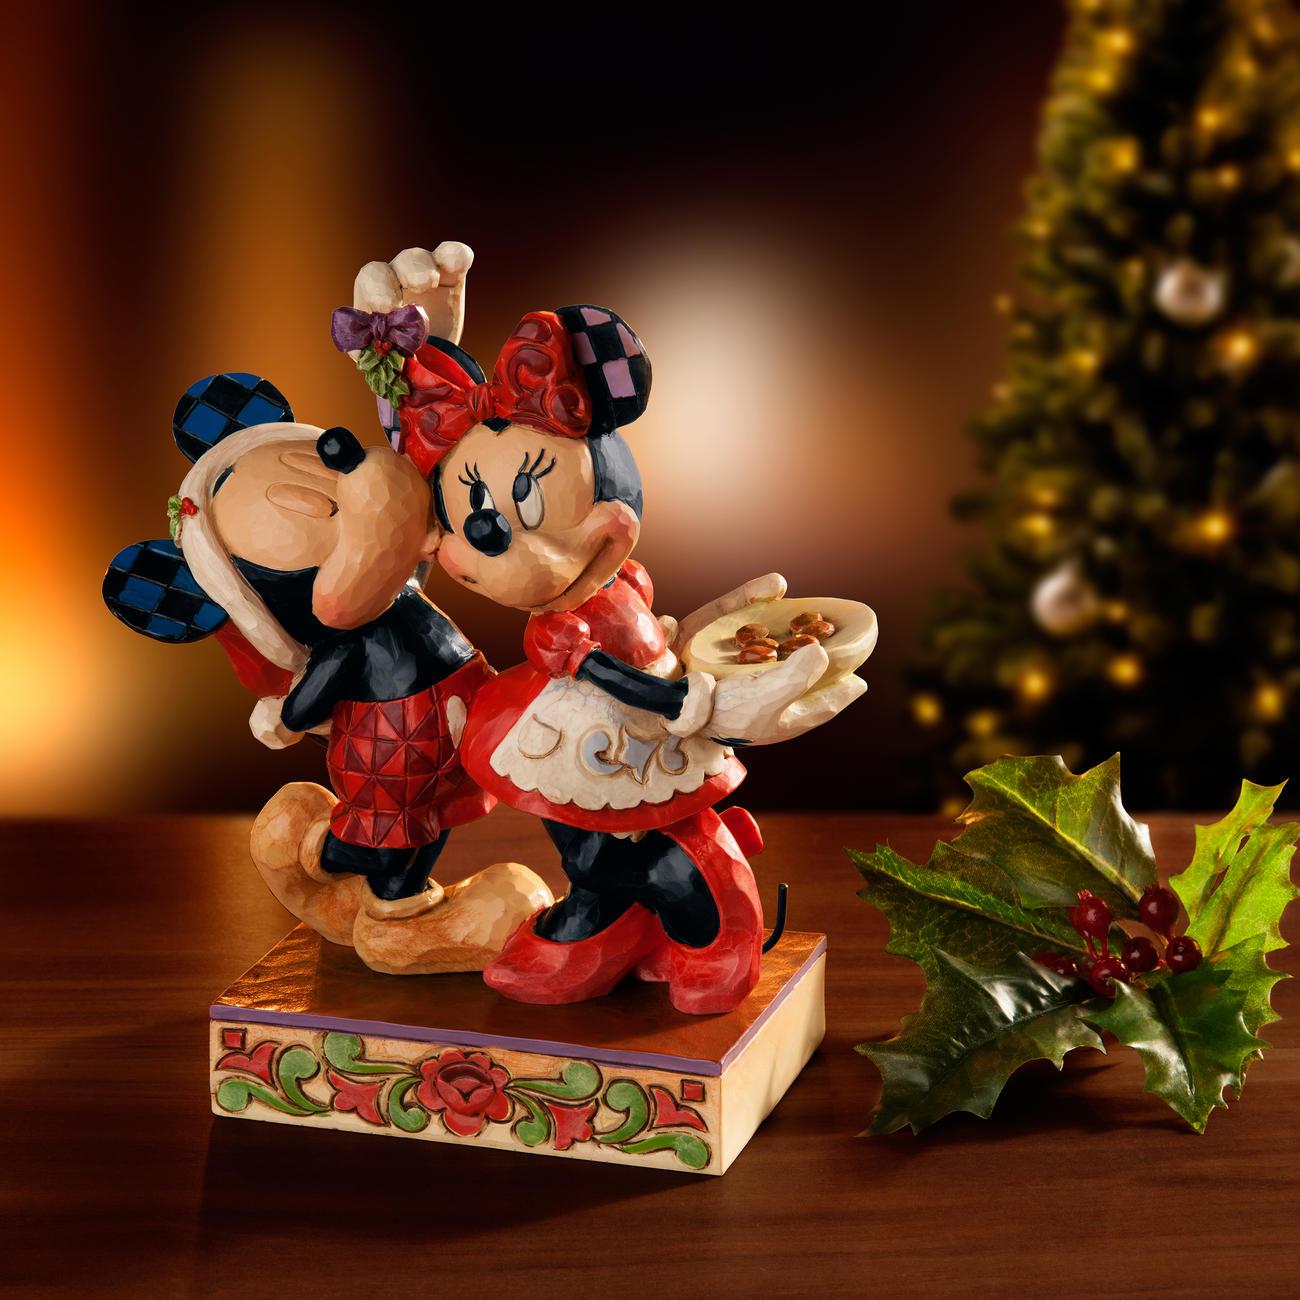 disney tradition mickey und minnie mouse weihnachten von. Black Bedroom Furniture Sets. Home Design Ideas